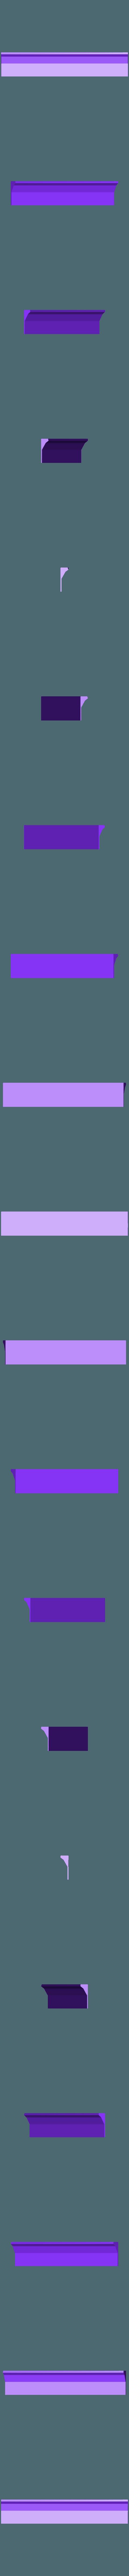 bottom_wheel_chock.stl Télécharger fichier STL gratuit Ghostbuster Ghostbuster Ghosttrap • Modèle pour impression 3D, SLIDES